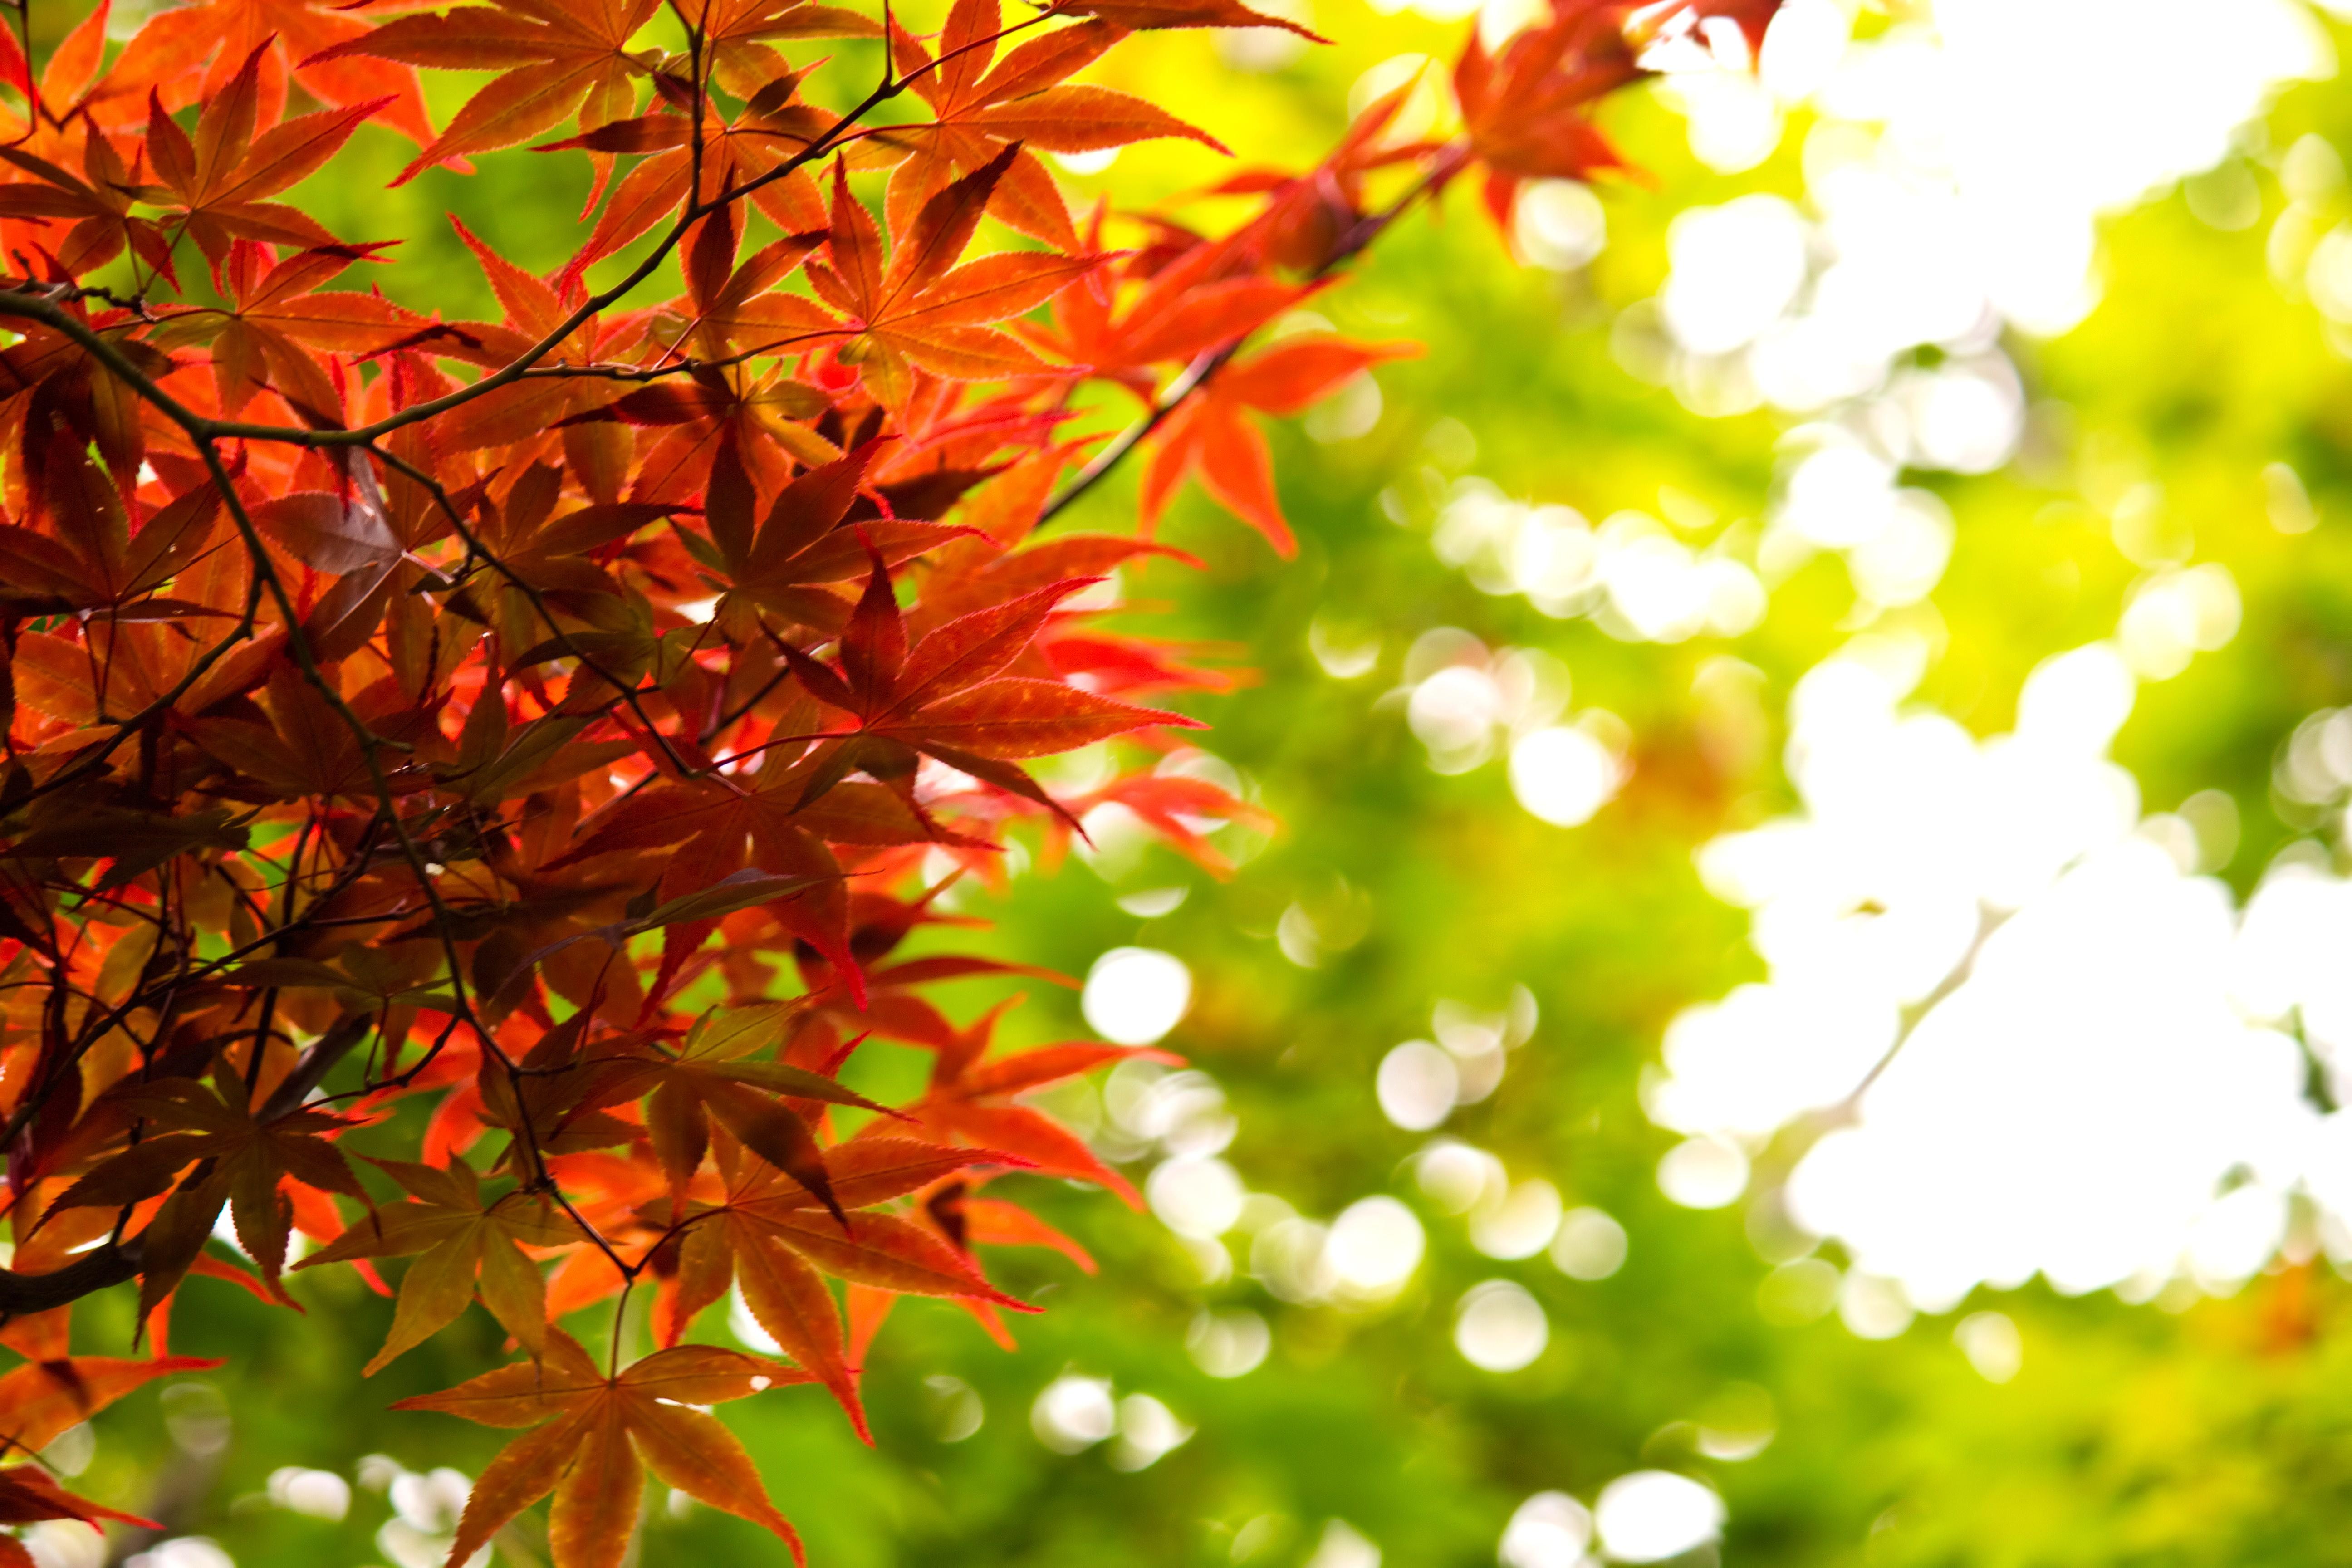 秋 黄葉する葉 無料の写真素材はフリー素材のぱくたそ